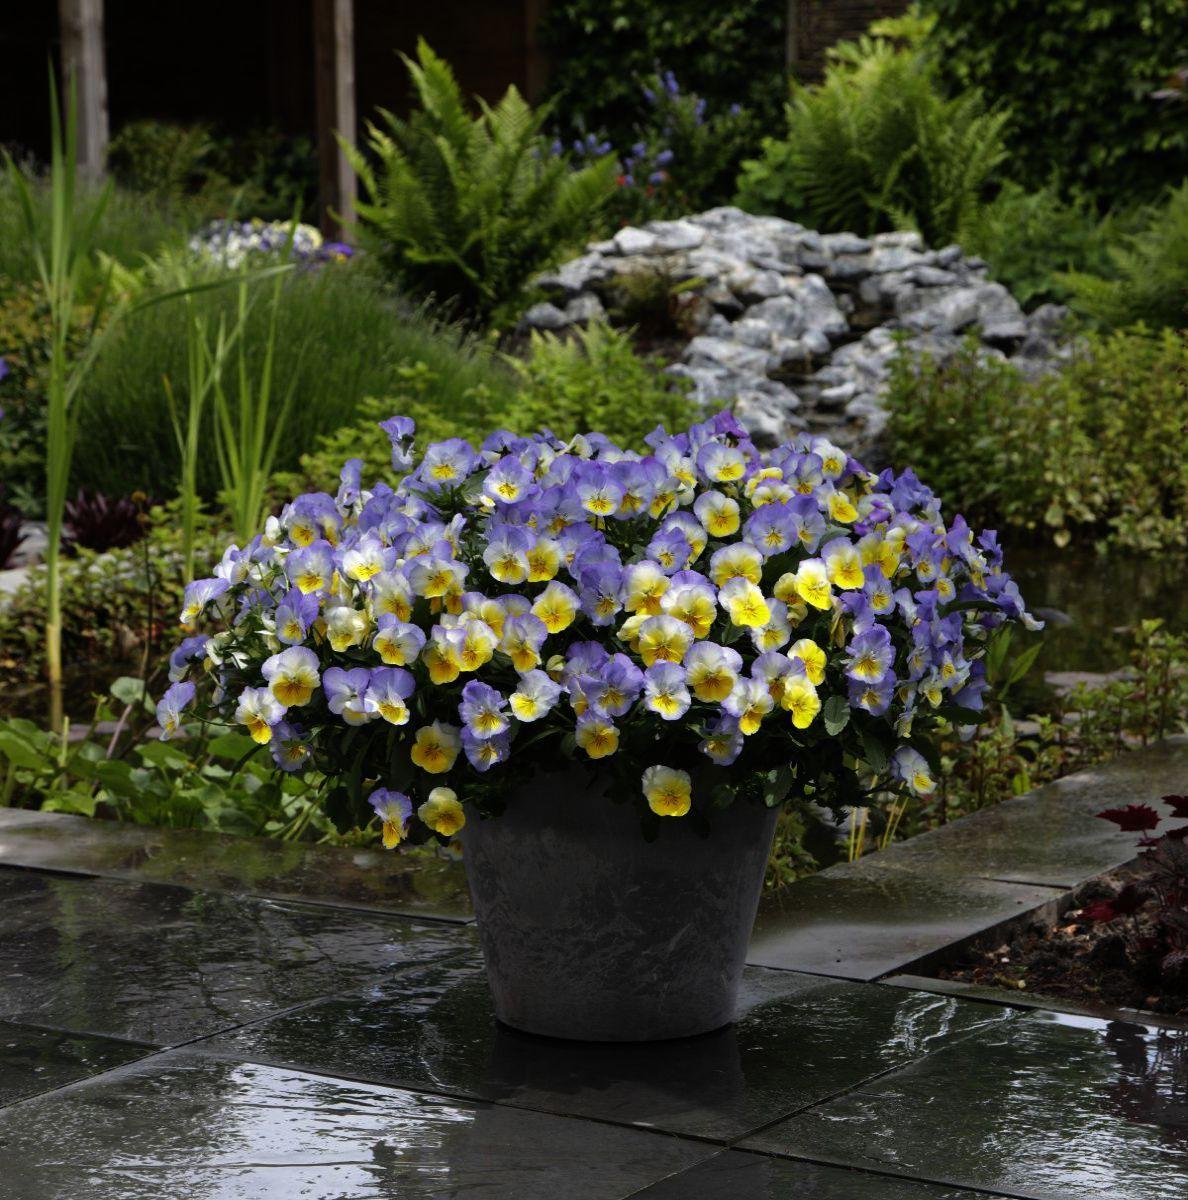 Gardening For Beginners In Spring Regarding Gardening Zones